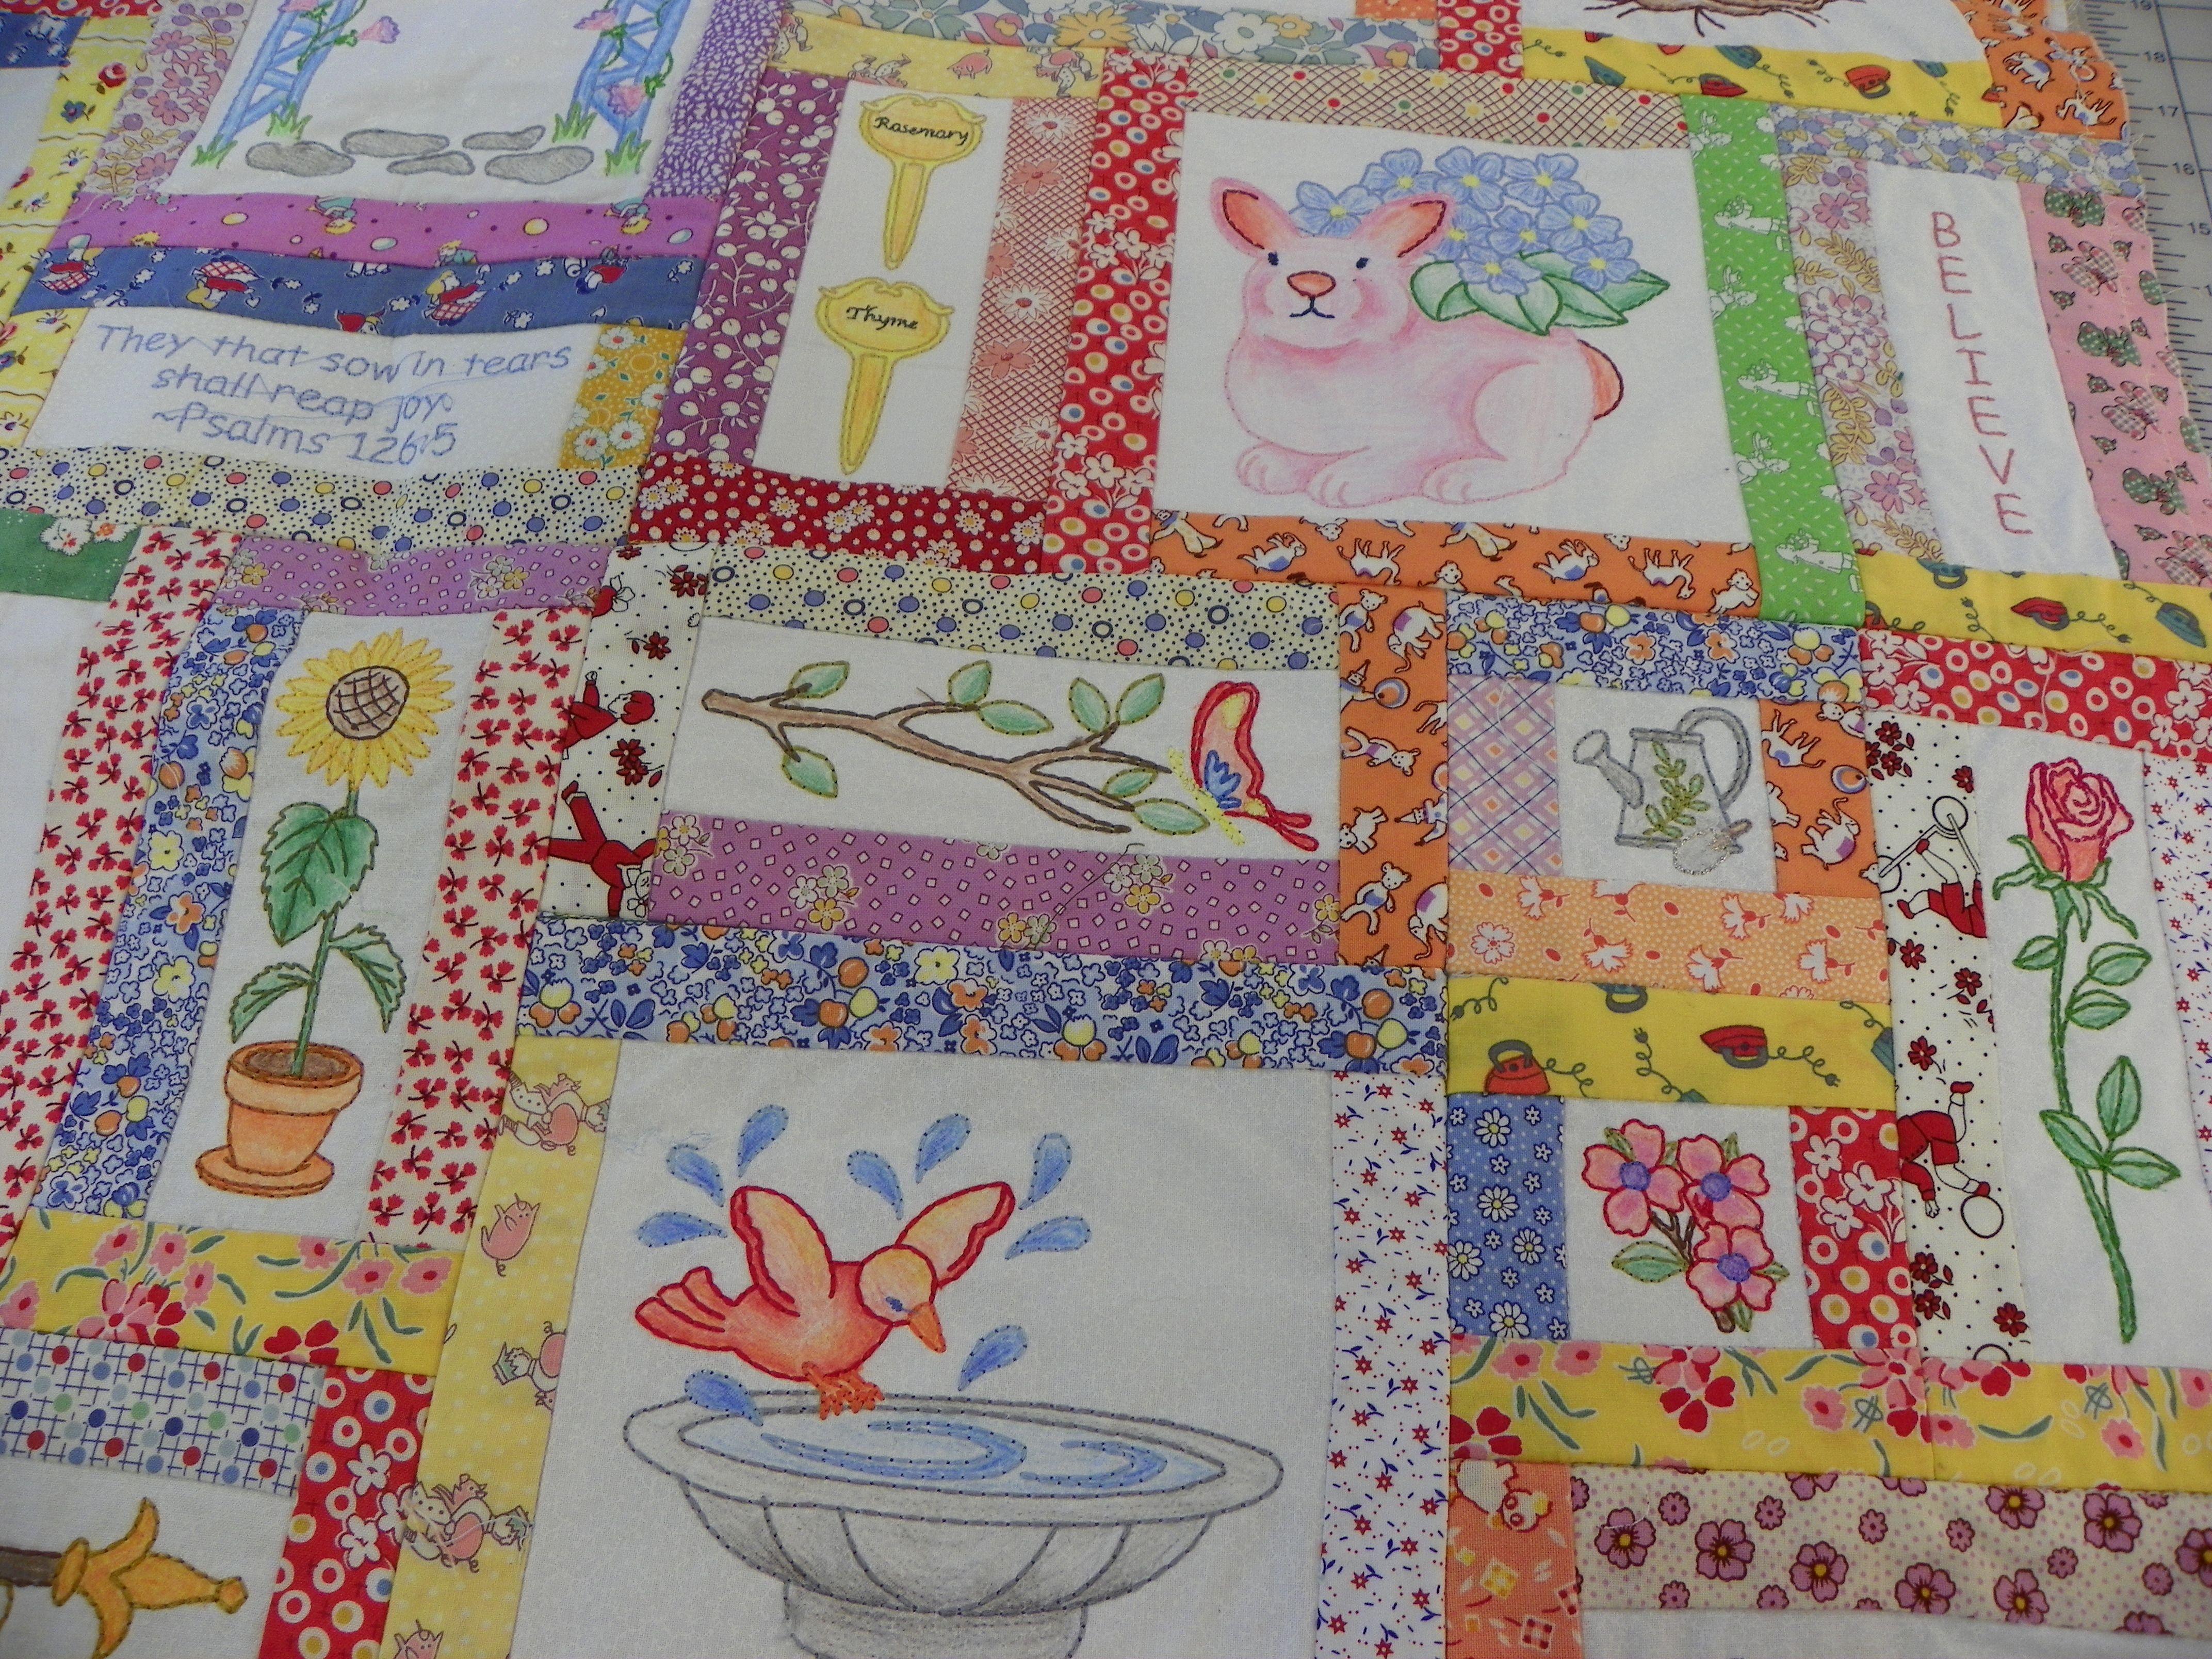 Prayer Garden Anita Goodesign Special Edition Embroidery Designs